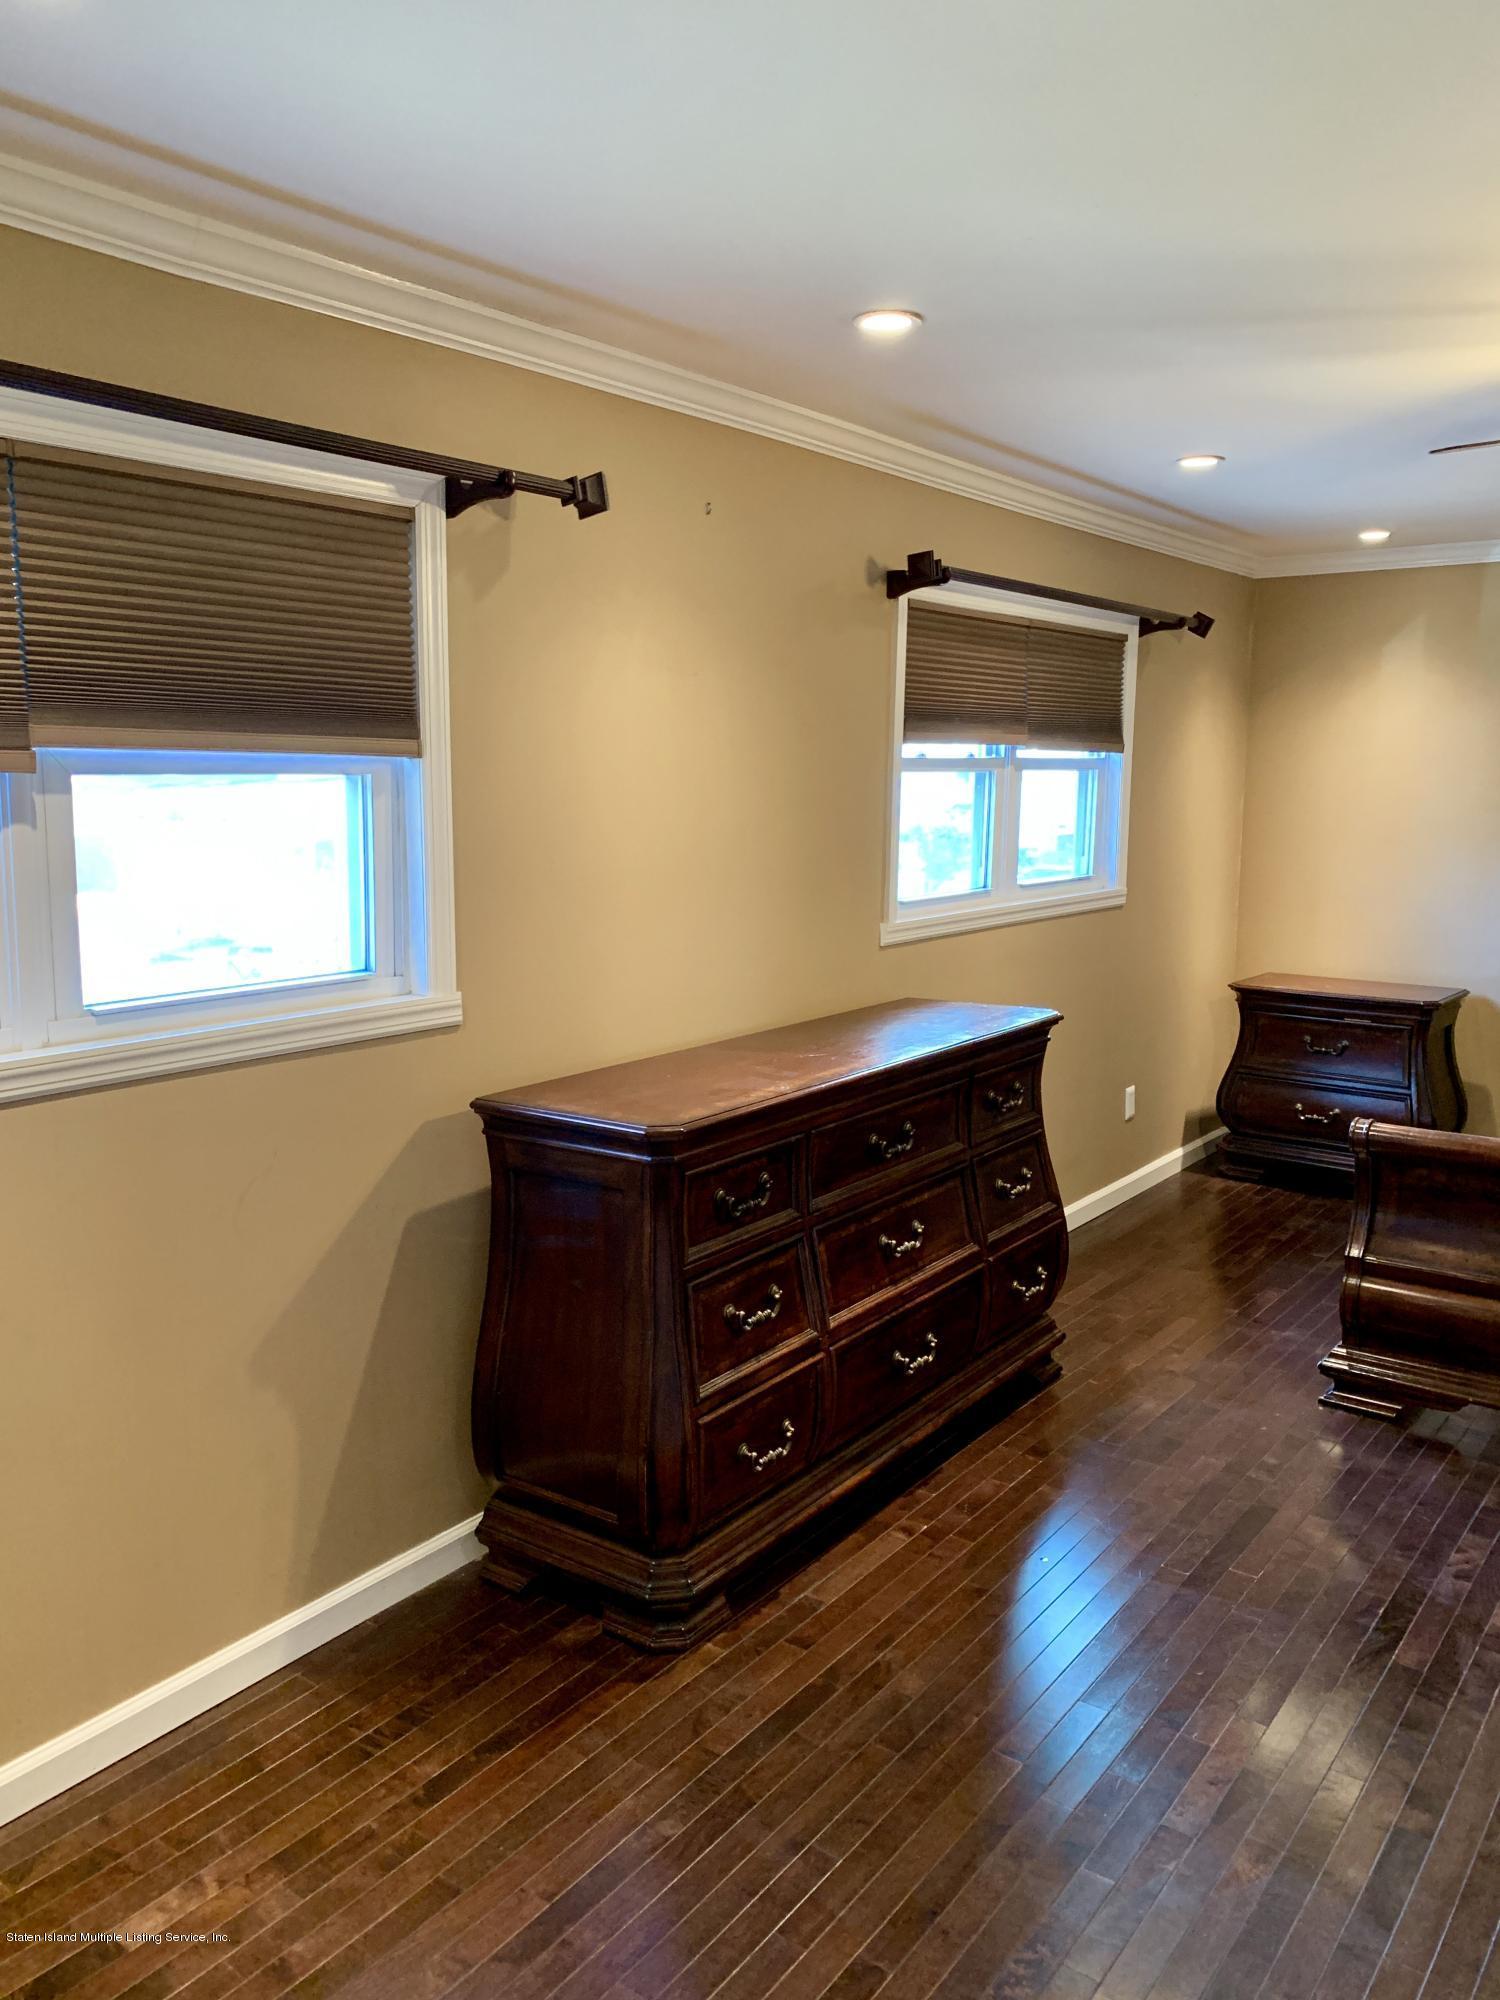 Single Family - Detached 524 Powell Street  Staten Island, NY 10312, MLS-1133742-16